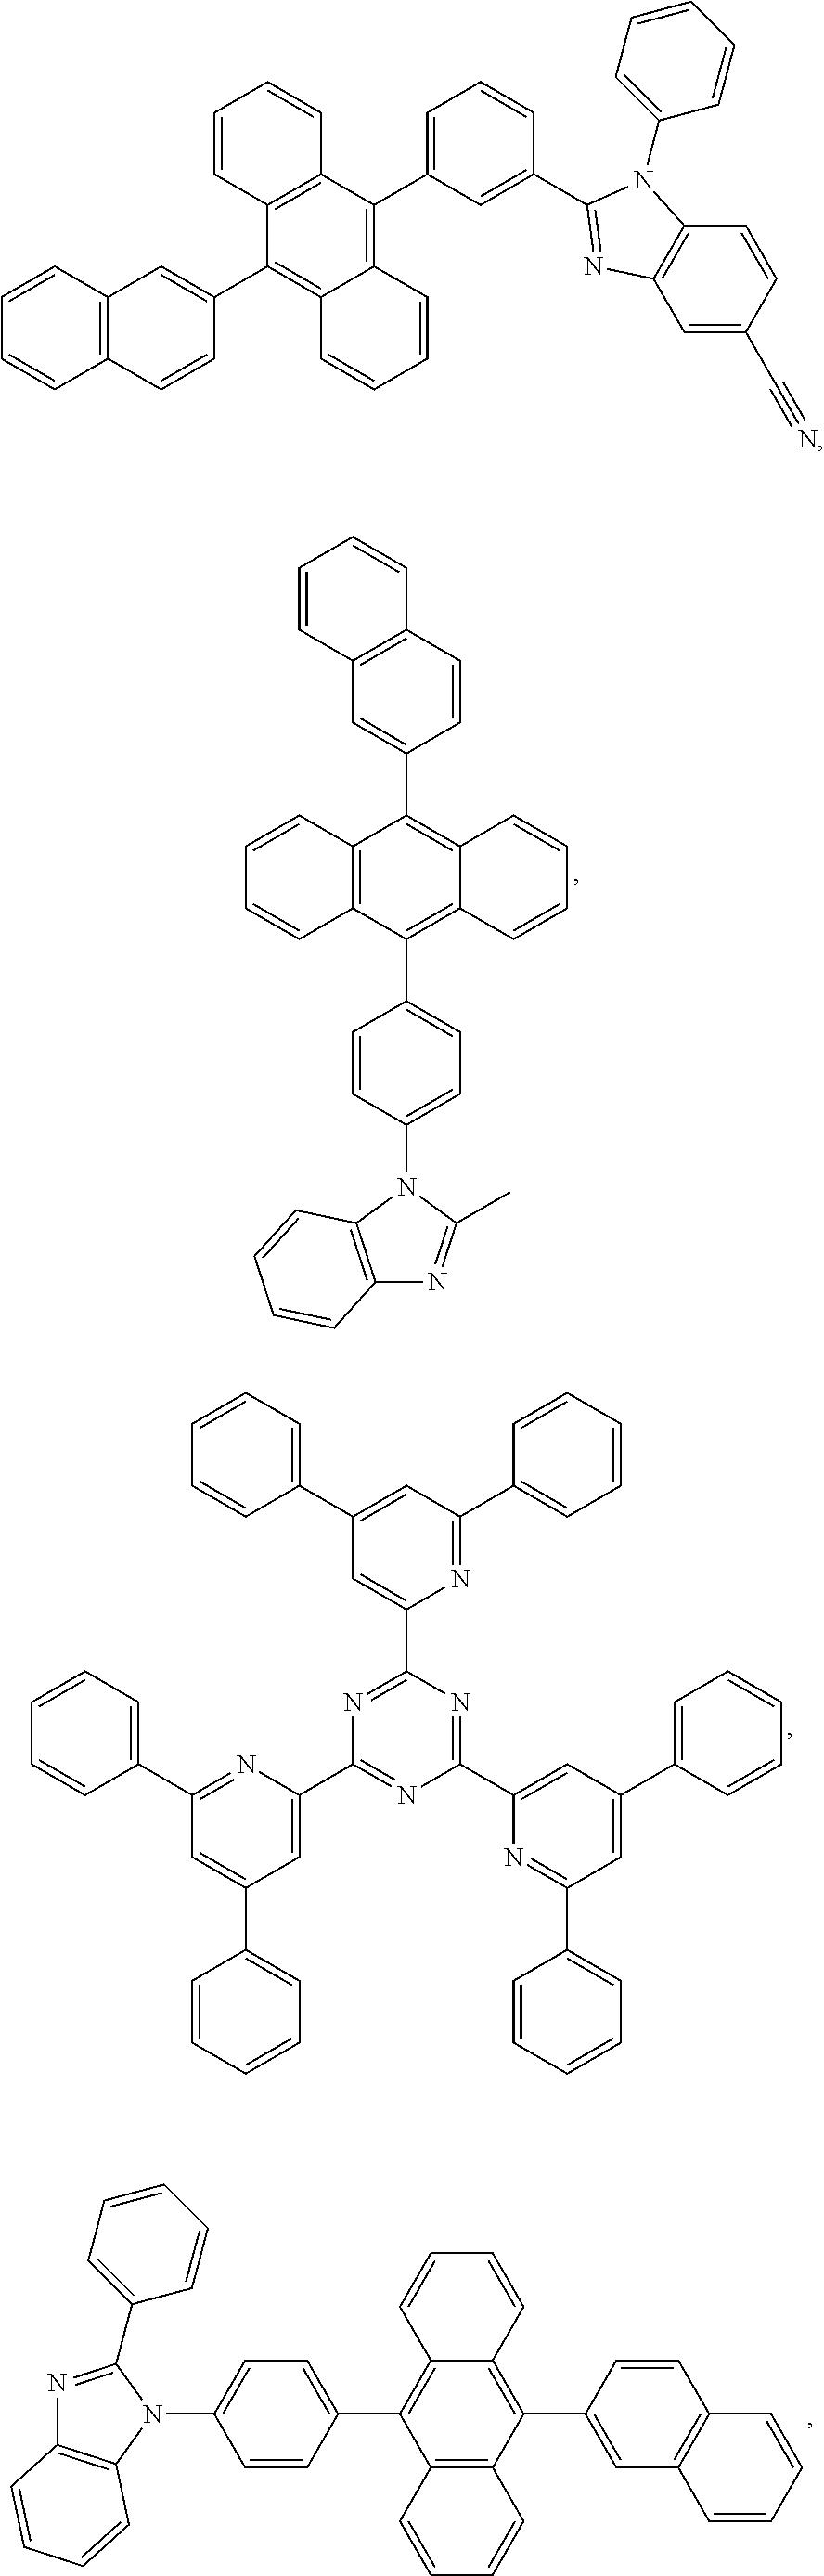 Figure US09978956-20180522-C00103